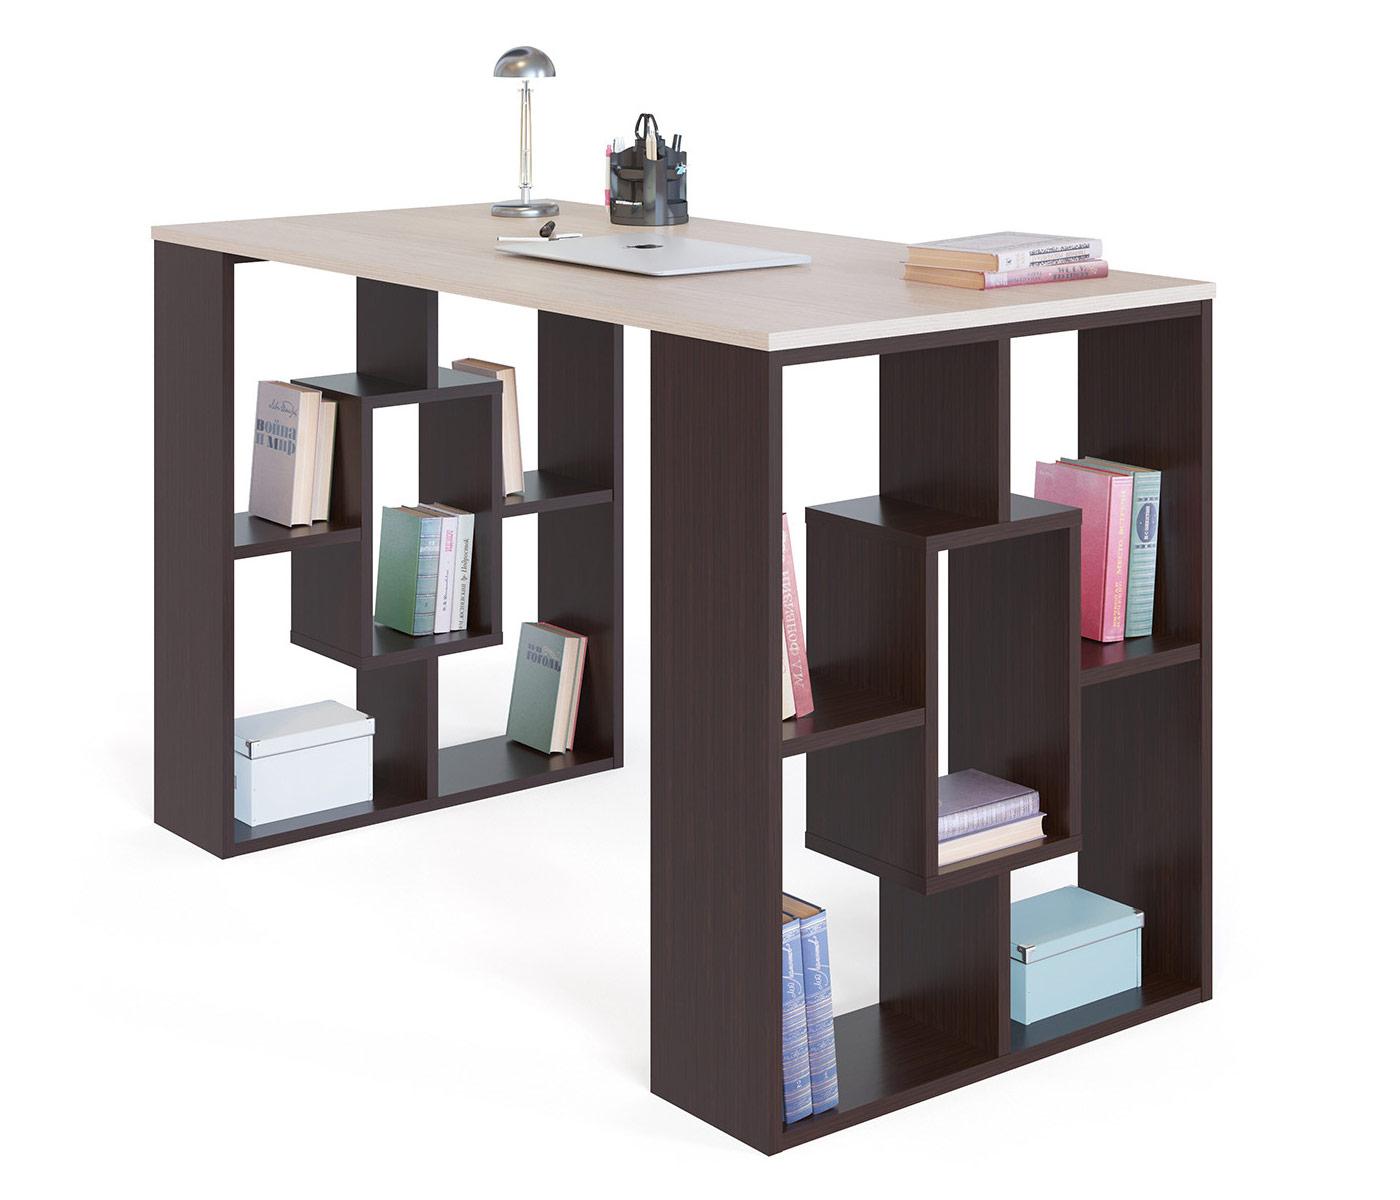 Письменный стол СОКОЛ СПМ-15 1373049, венге/белёный дуб - купить в Москве - goods.ru